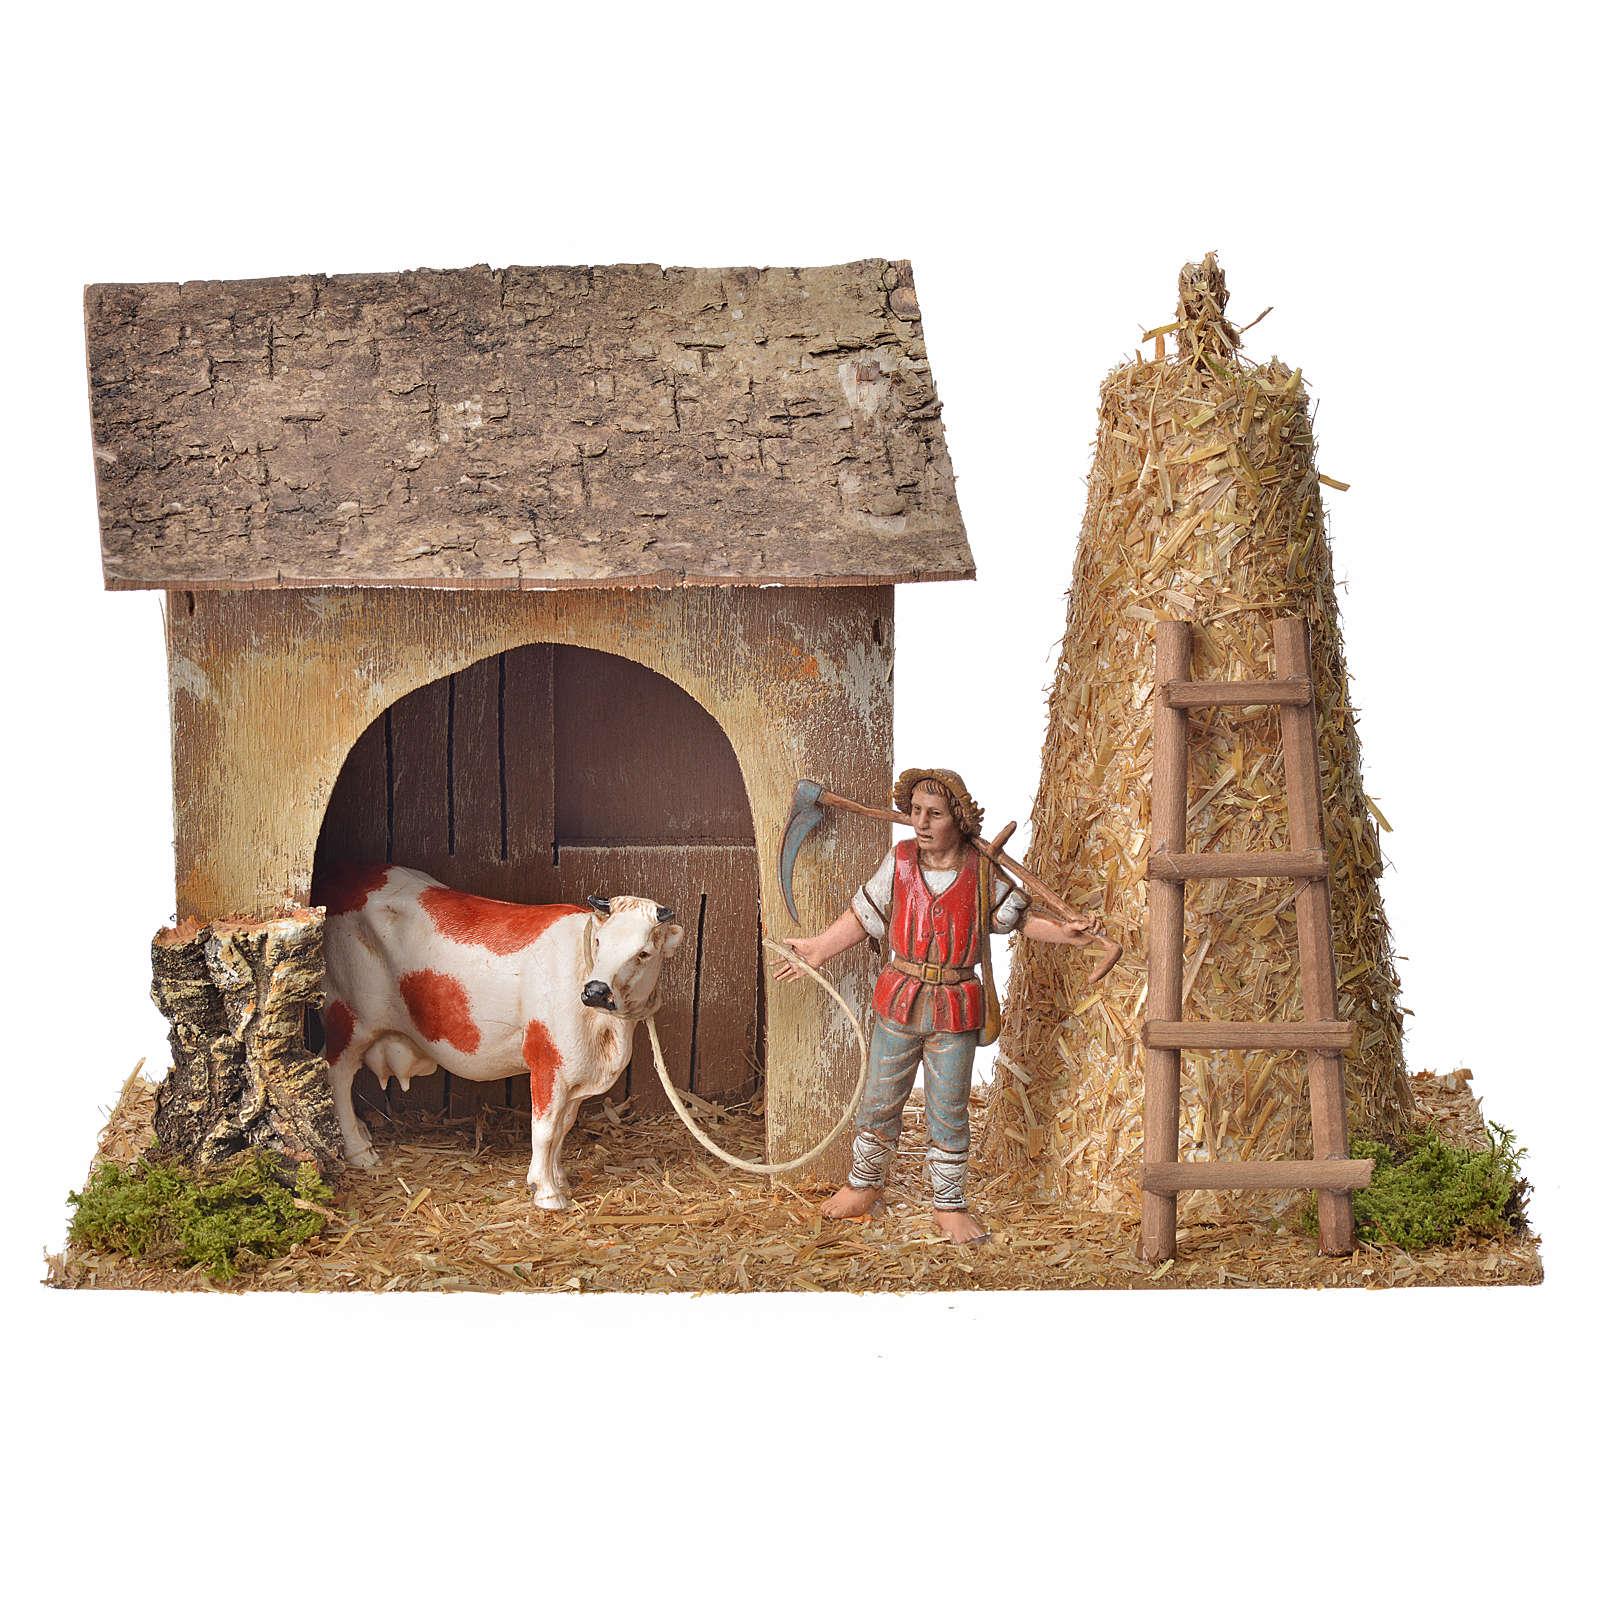 Stalla con contadino, mucca, pagliaio 20x26x10 4